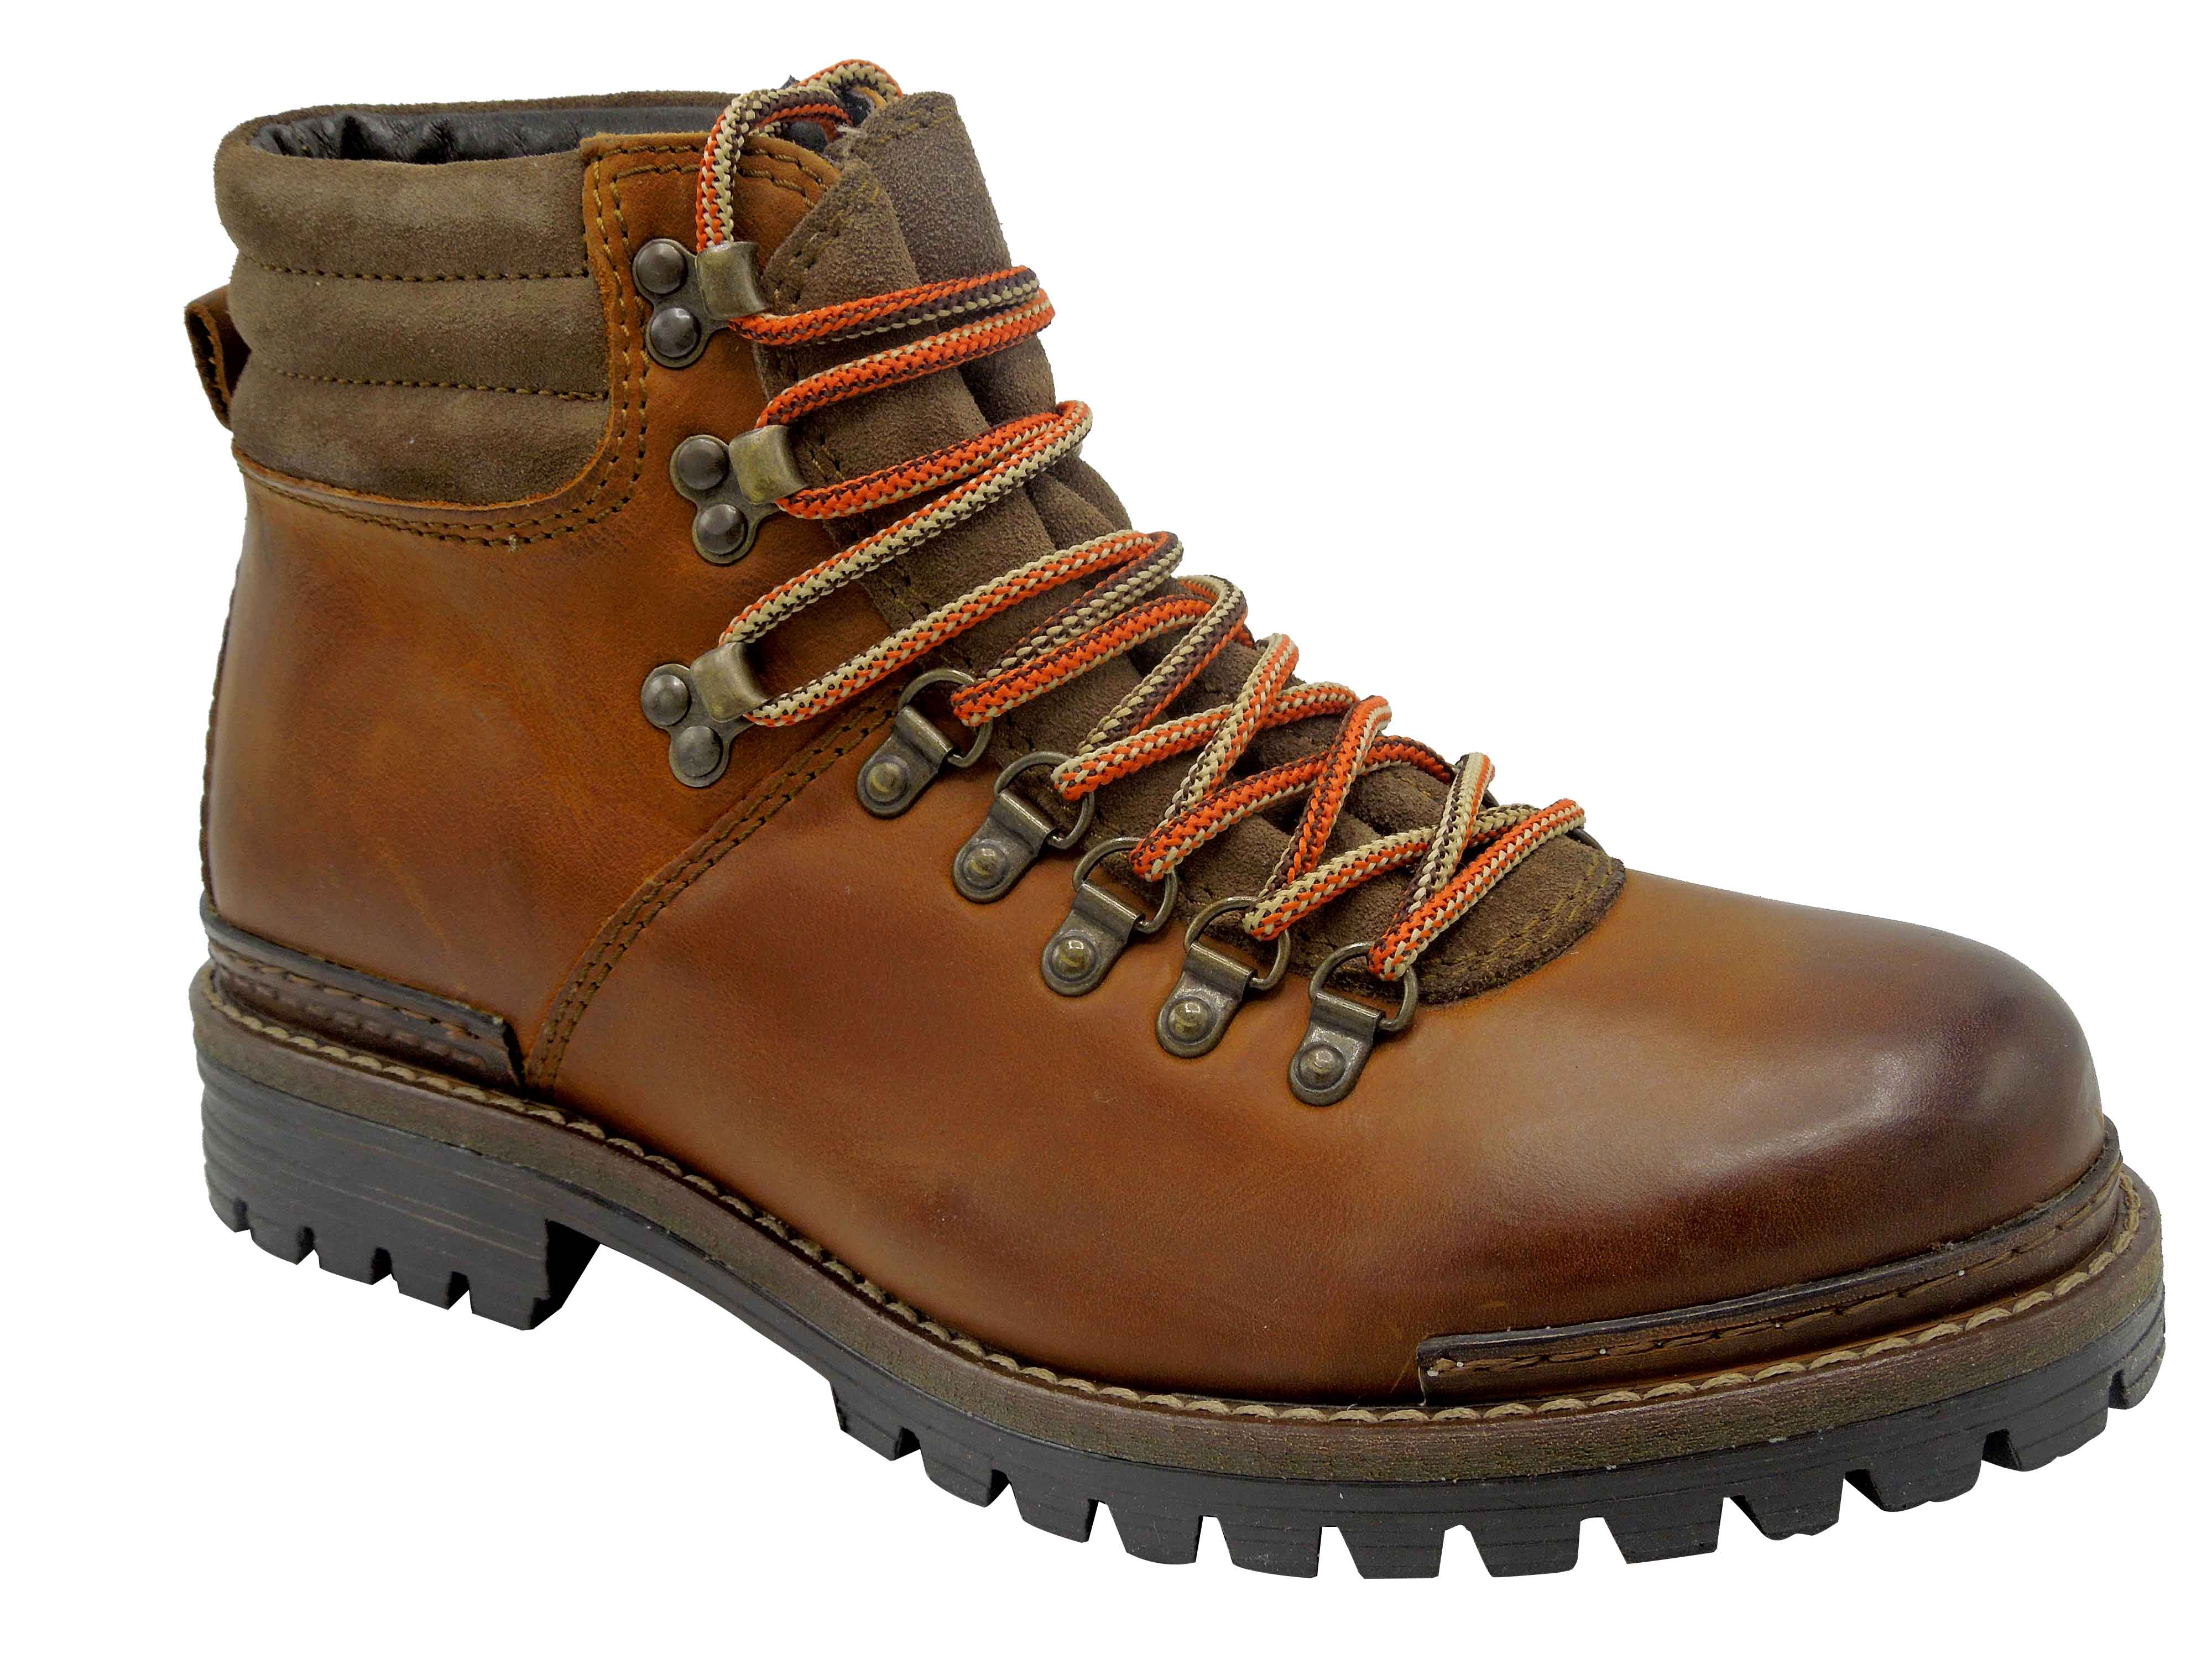 d6aea2d9753 Pánské zimní boty Klondike MH-108H01 hnědá